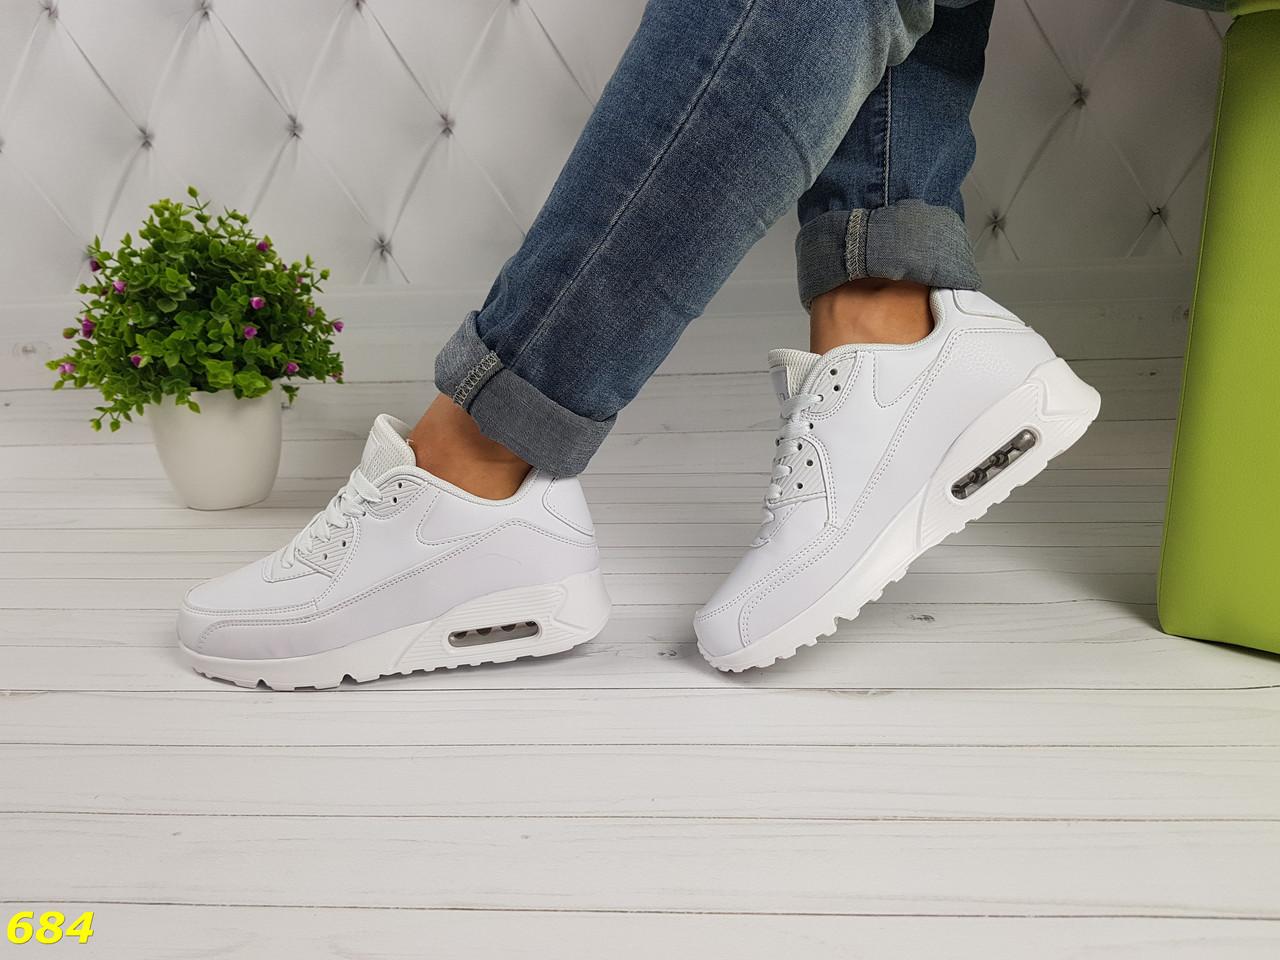 5d1882f11c4d Женские кроссовки аирмаксы белые - Интернет - магазин модной обуви и одежды